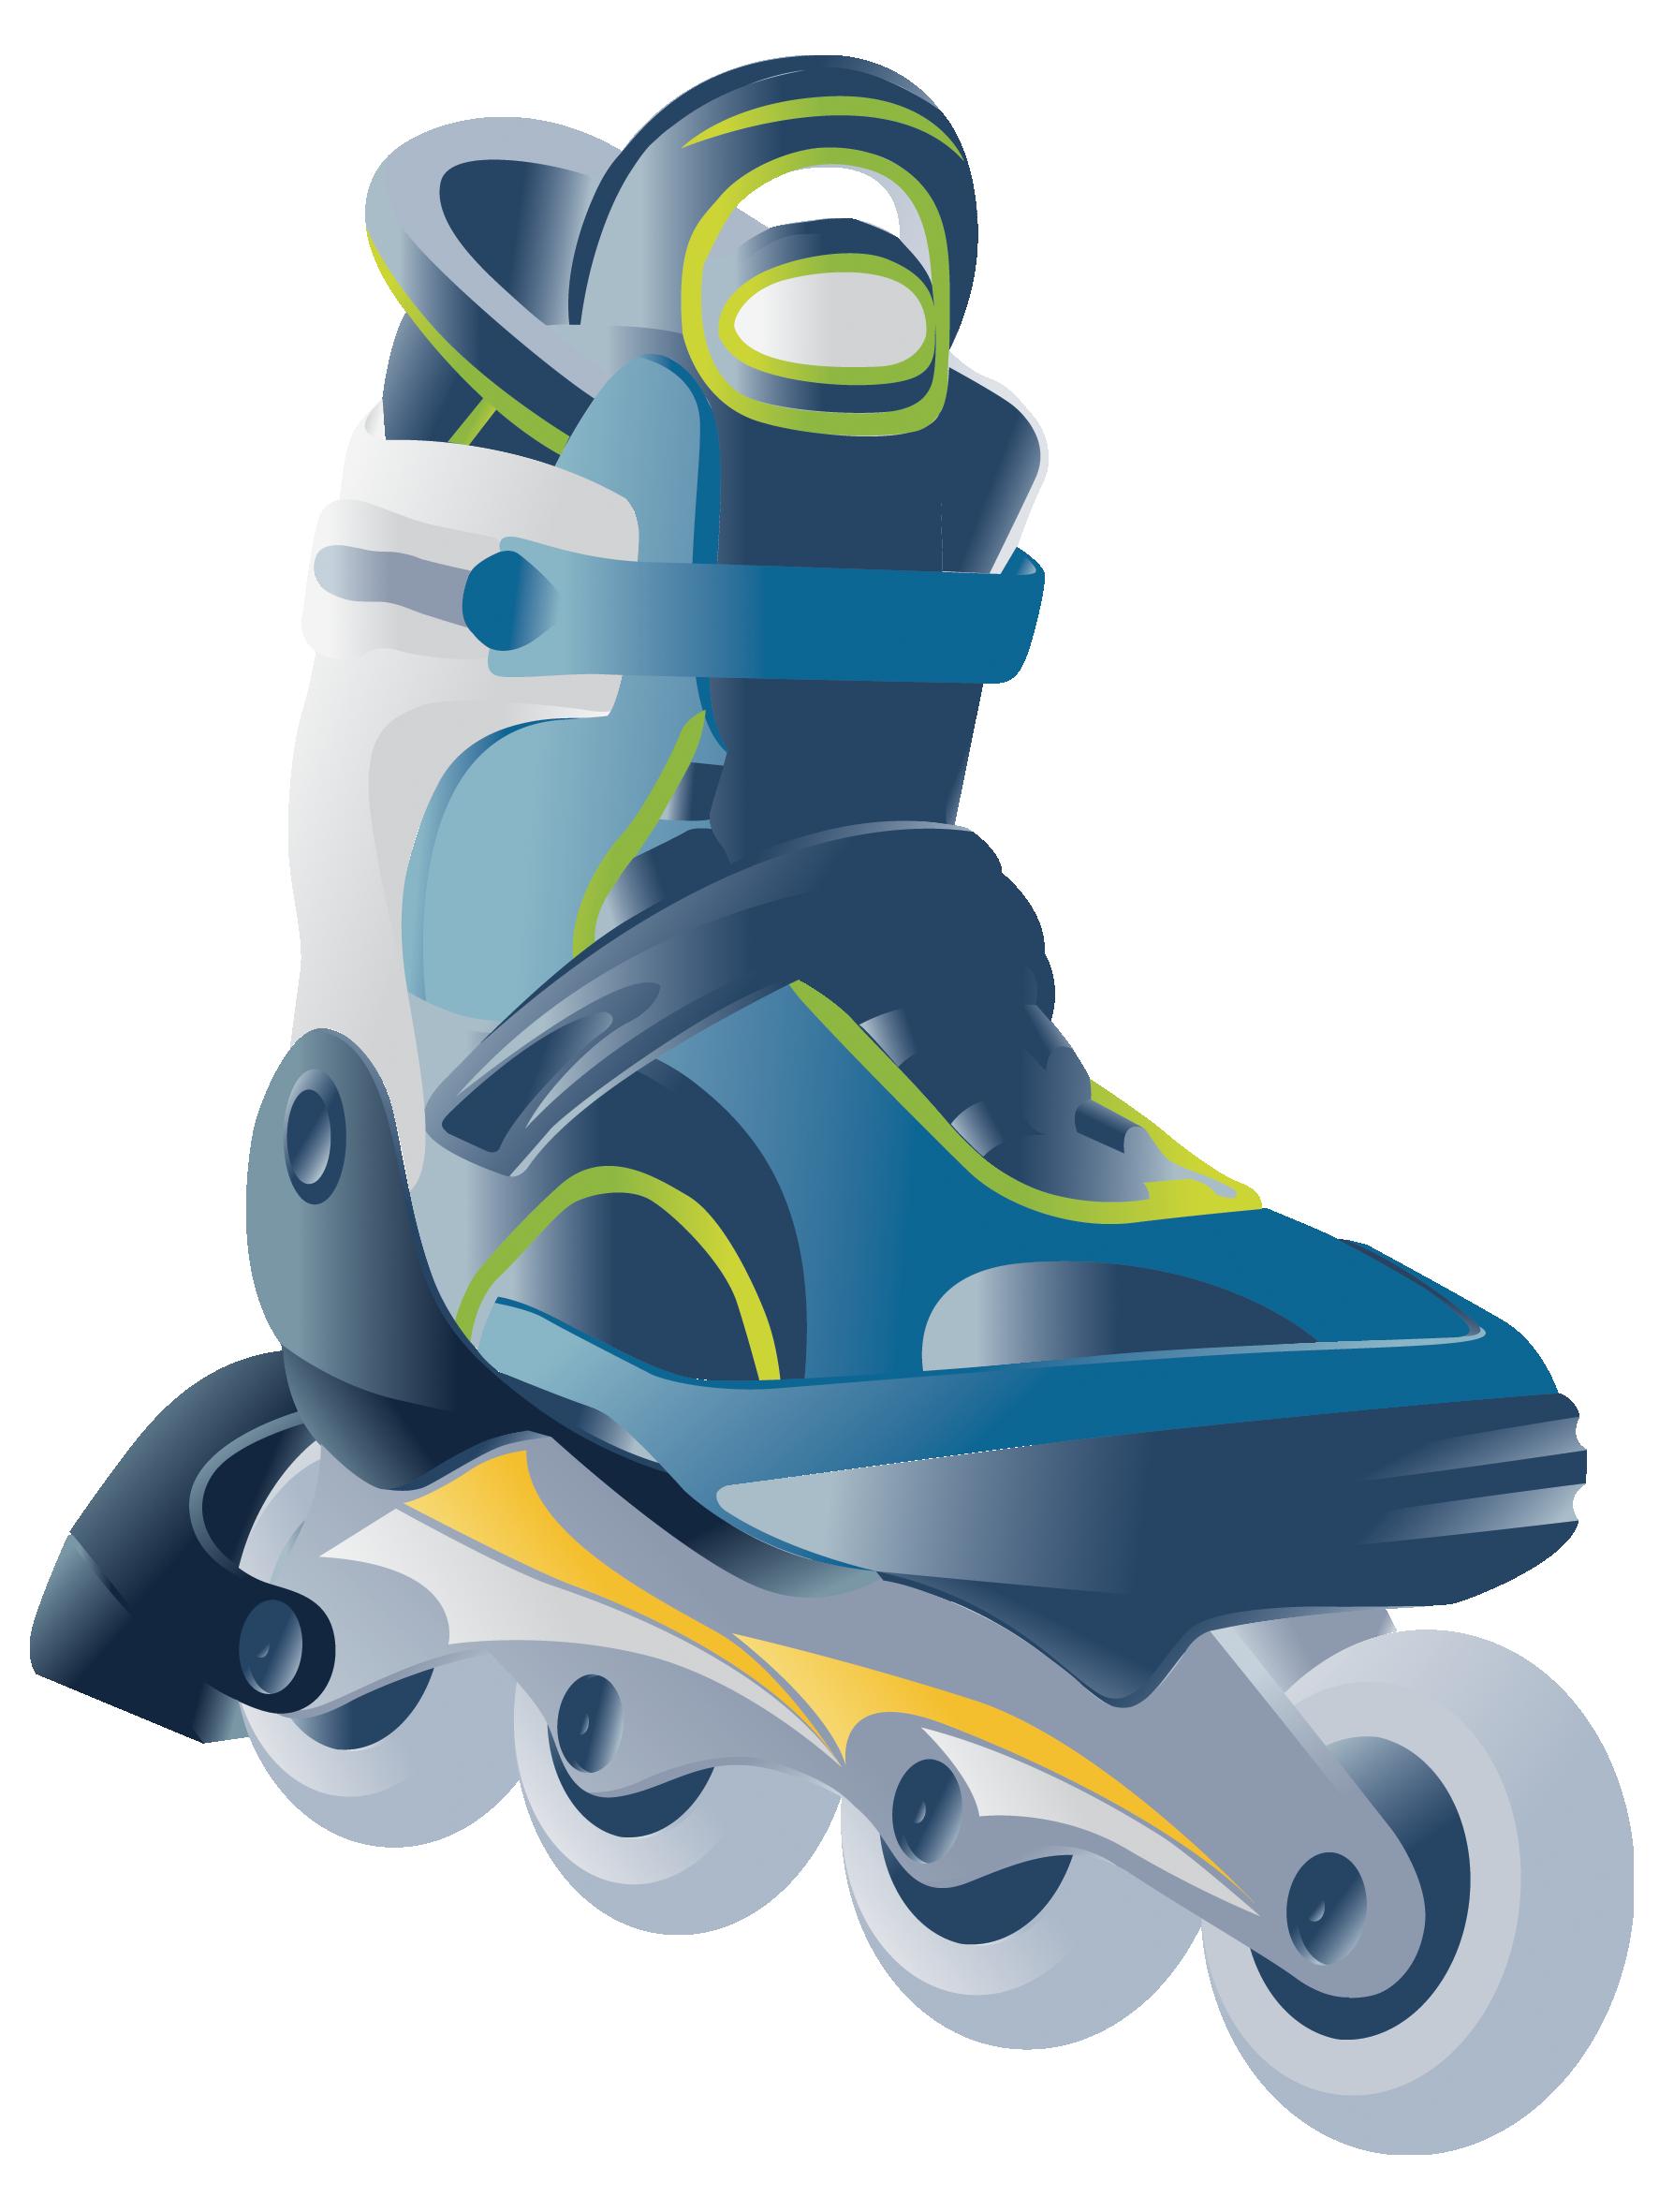 roller skating skate shoes skates clip art inline skating pictures [ 1772 x 2362 Pixel ]